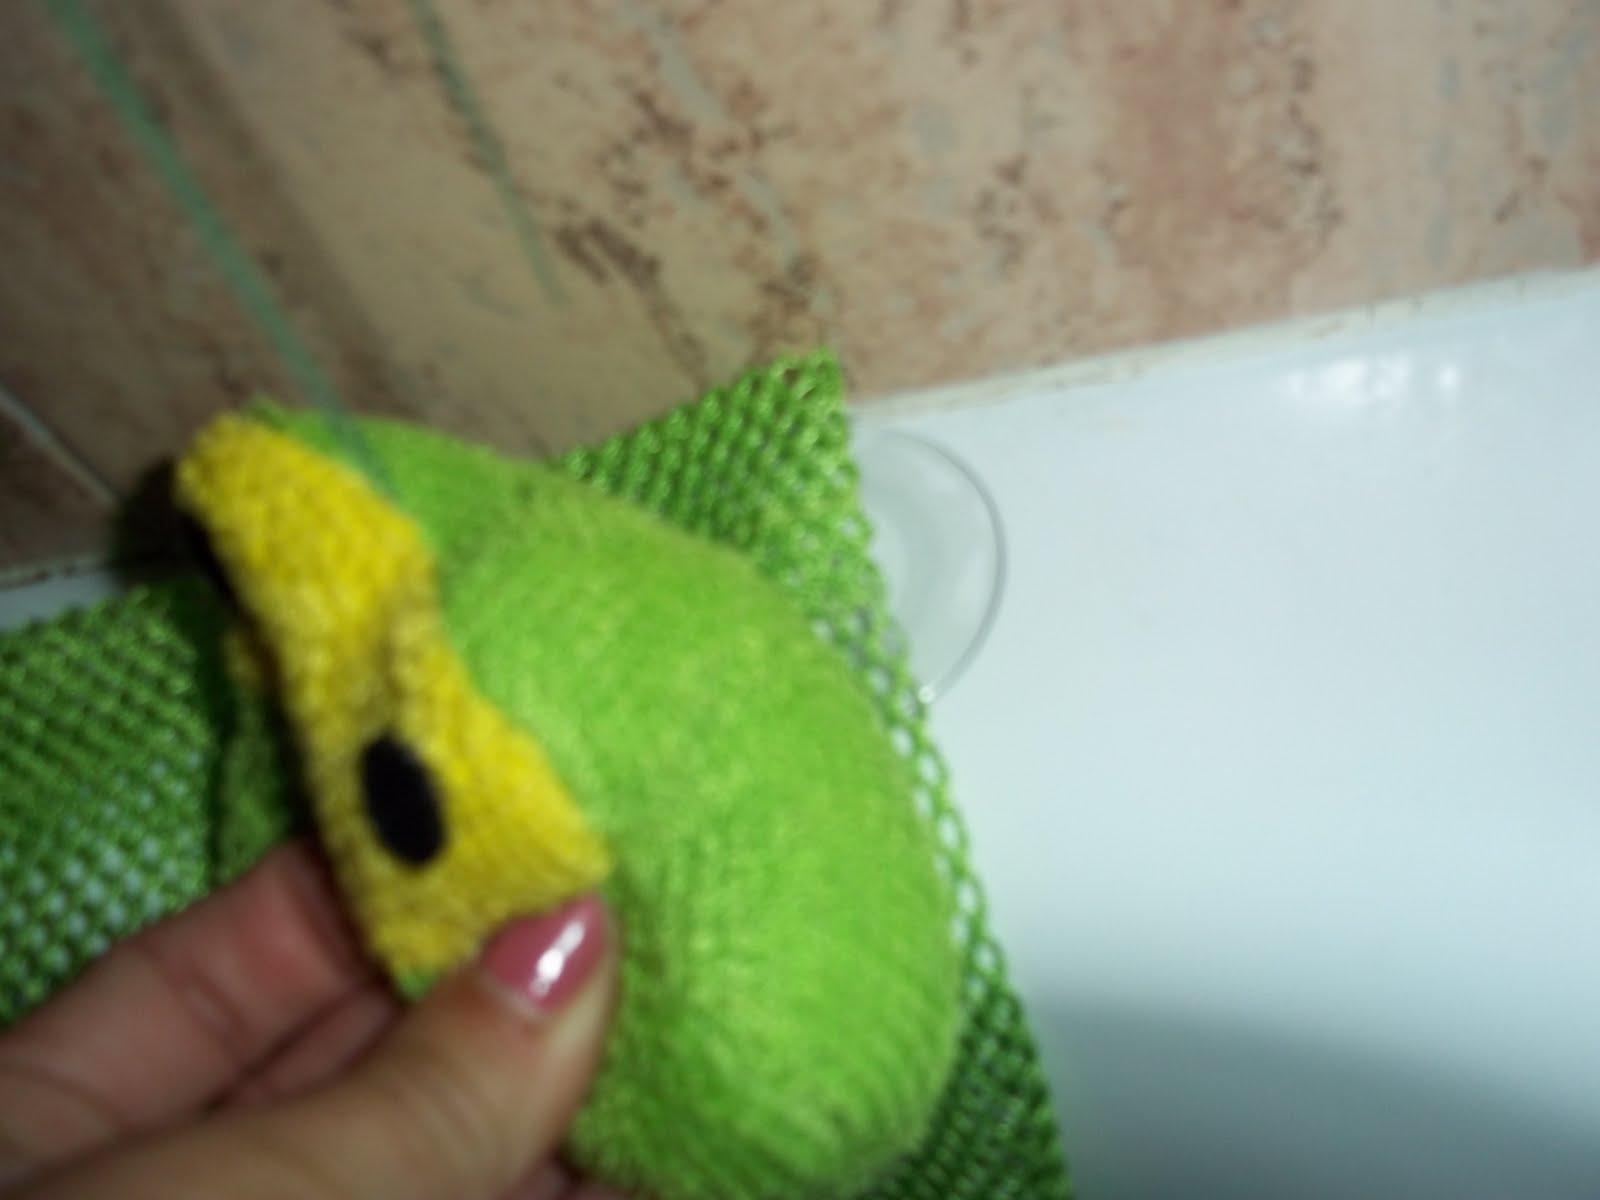 Guarda Juguetes Baño: guarda juguetes para el baño, además genial!!!!,porque escurre y no